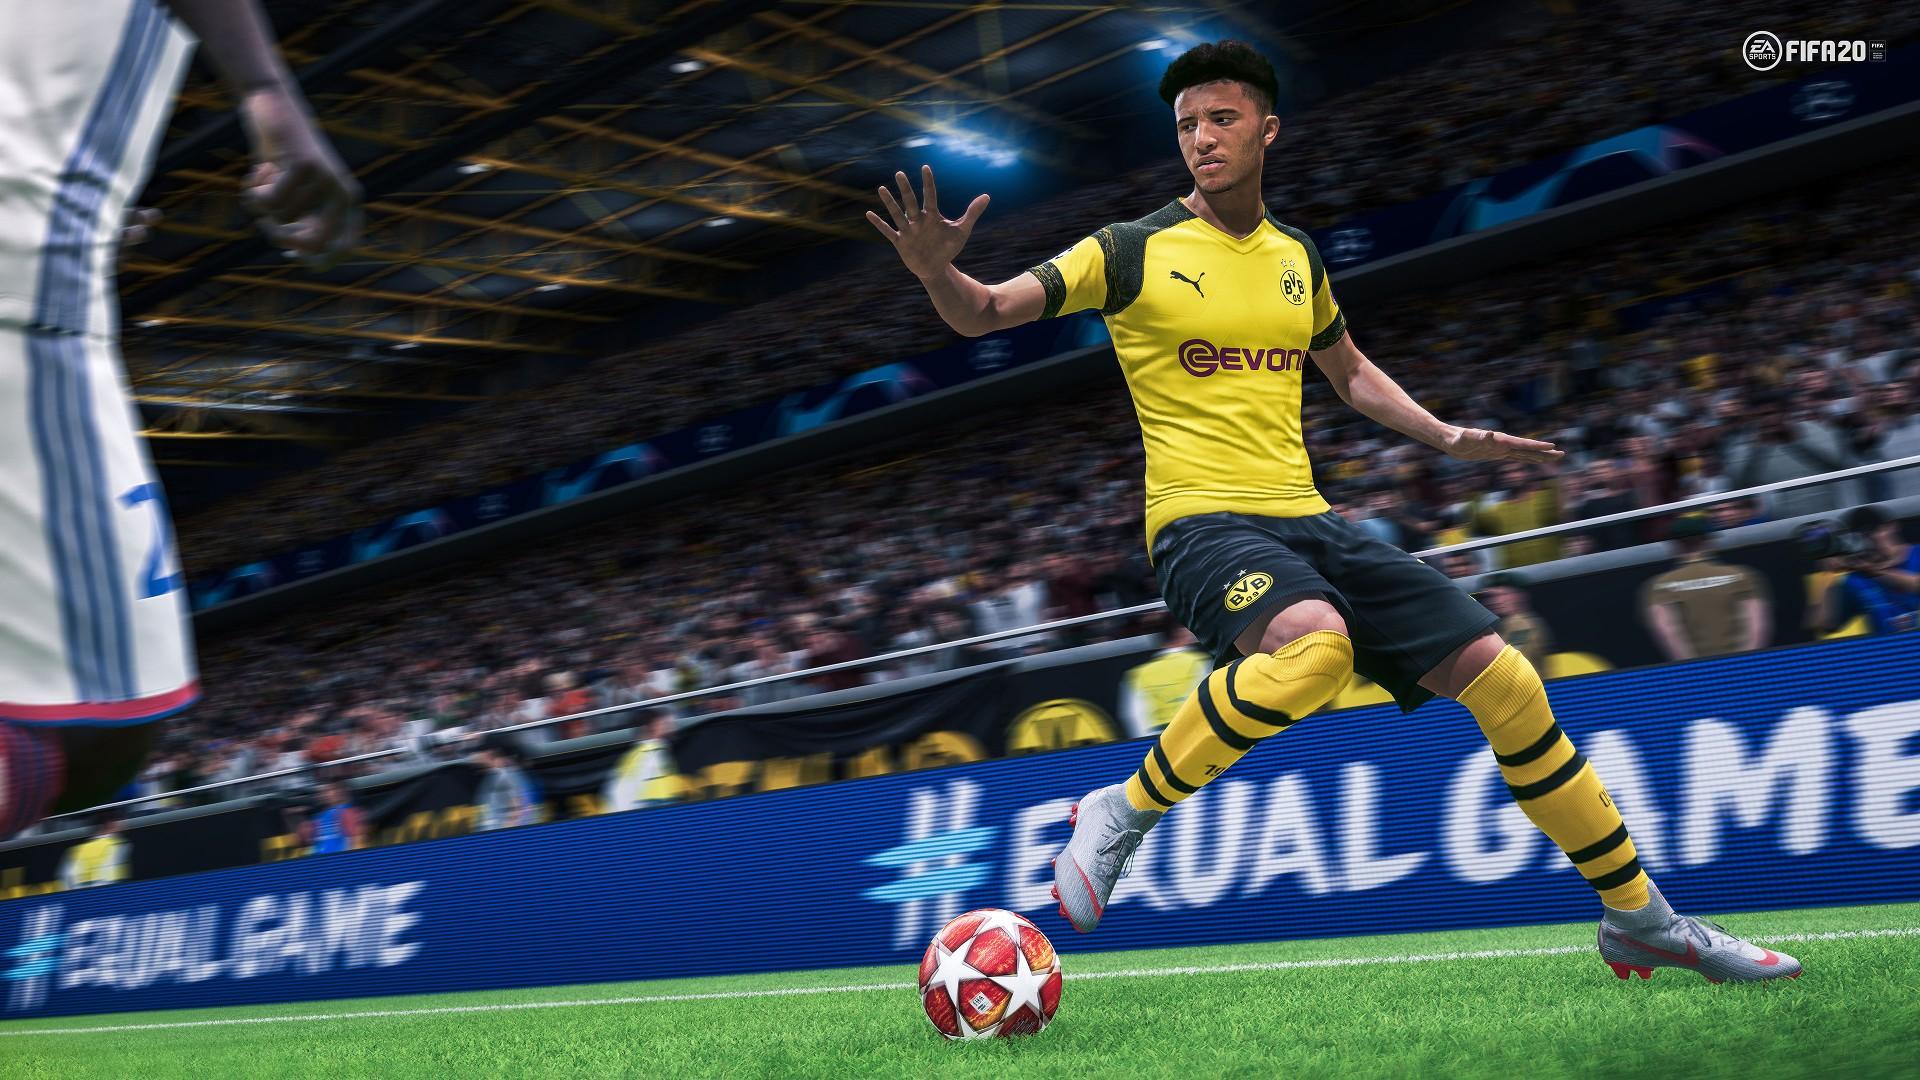 FIFA-ammattilaispelaajalle elinikäinen pelikielto – Häpäisi EA:n logon striimissään